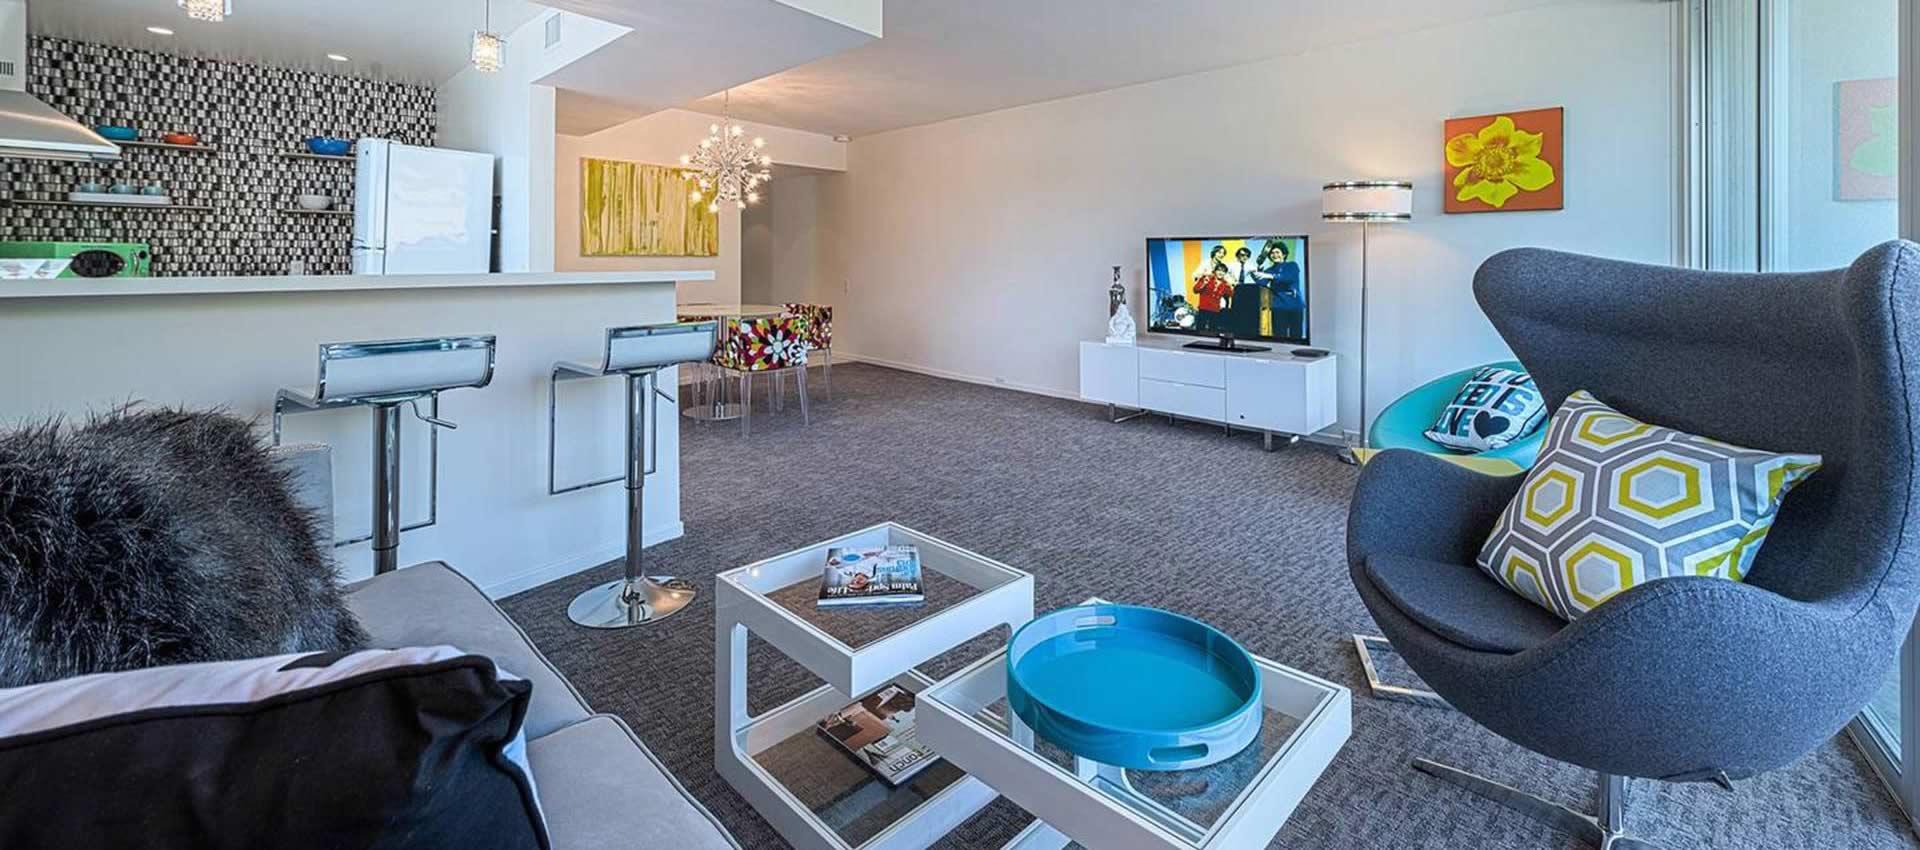 twist-hotel-room107-frontroom-01